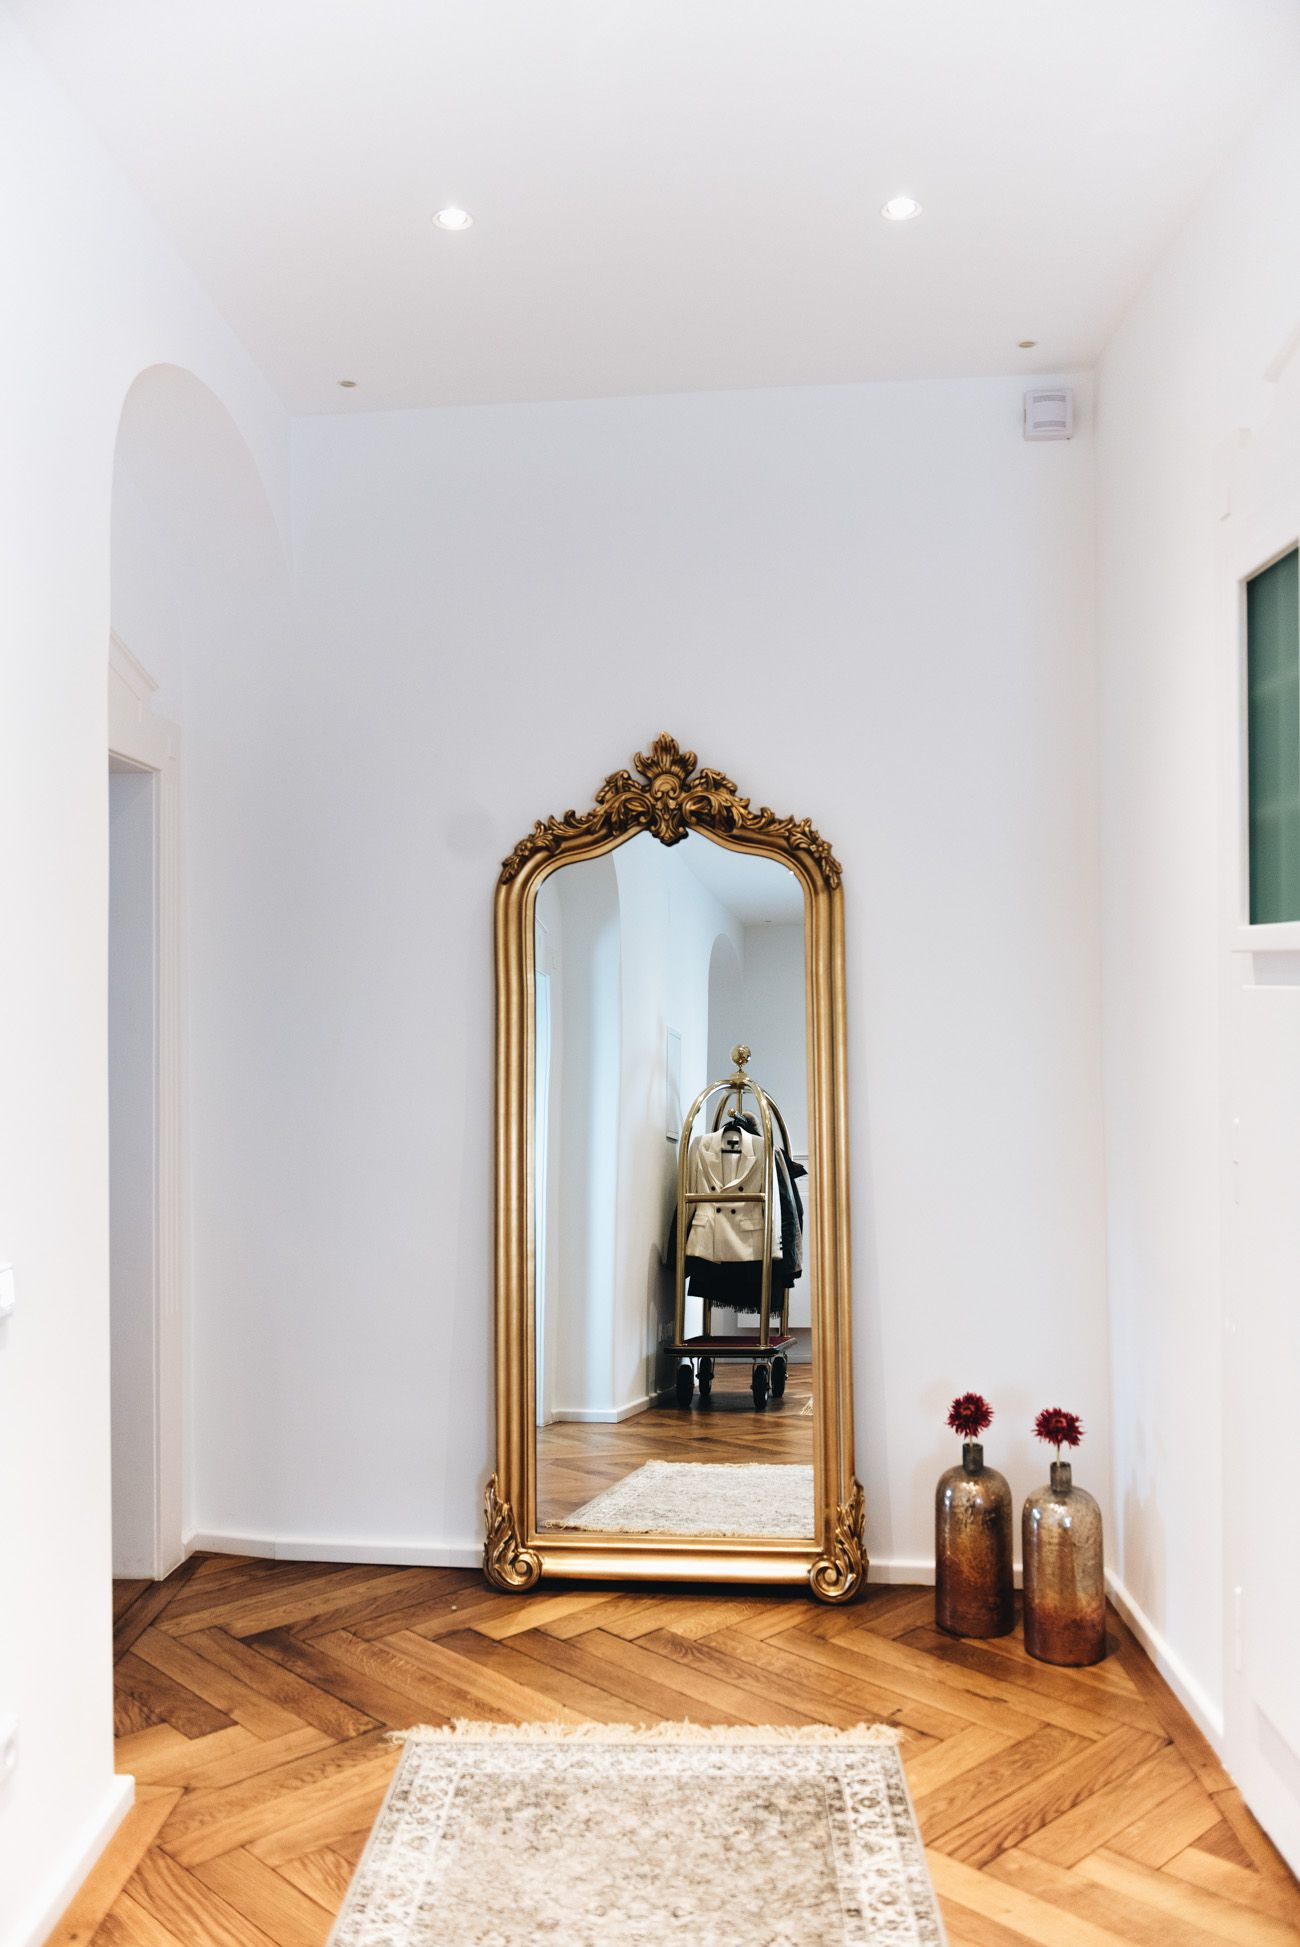 Attraktiv More On Www.fashiioncarpet.com Goldener Spiegel, Antiker Barock Spiegel,  Flur Einrichtung